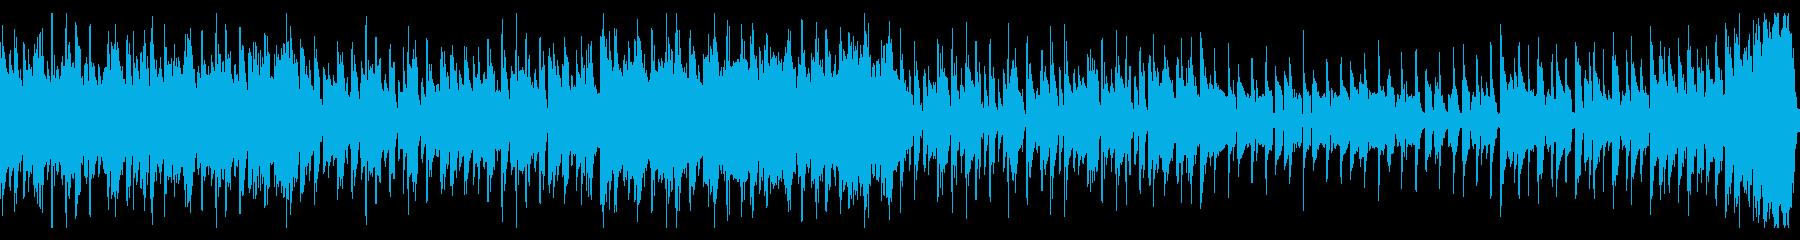 中東的な音階のEDM風ループの再生済みの波形